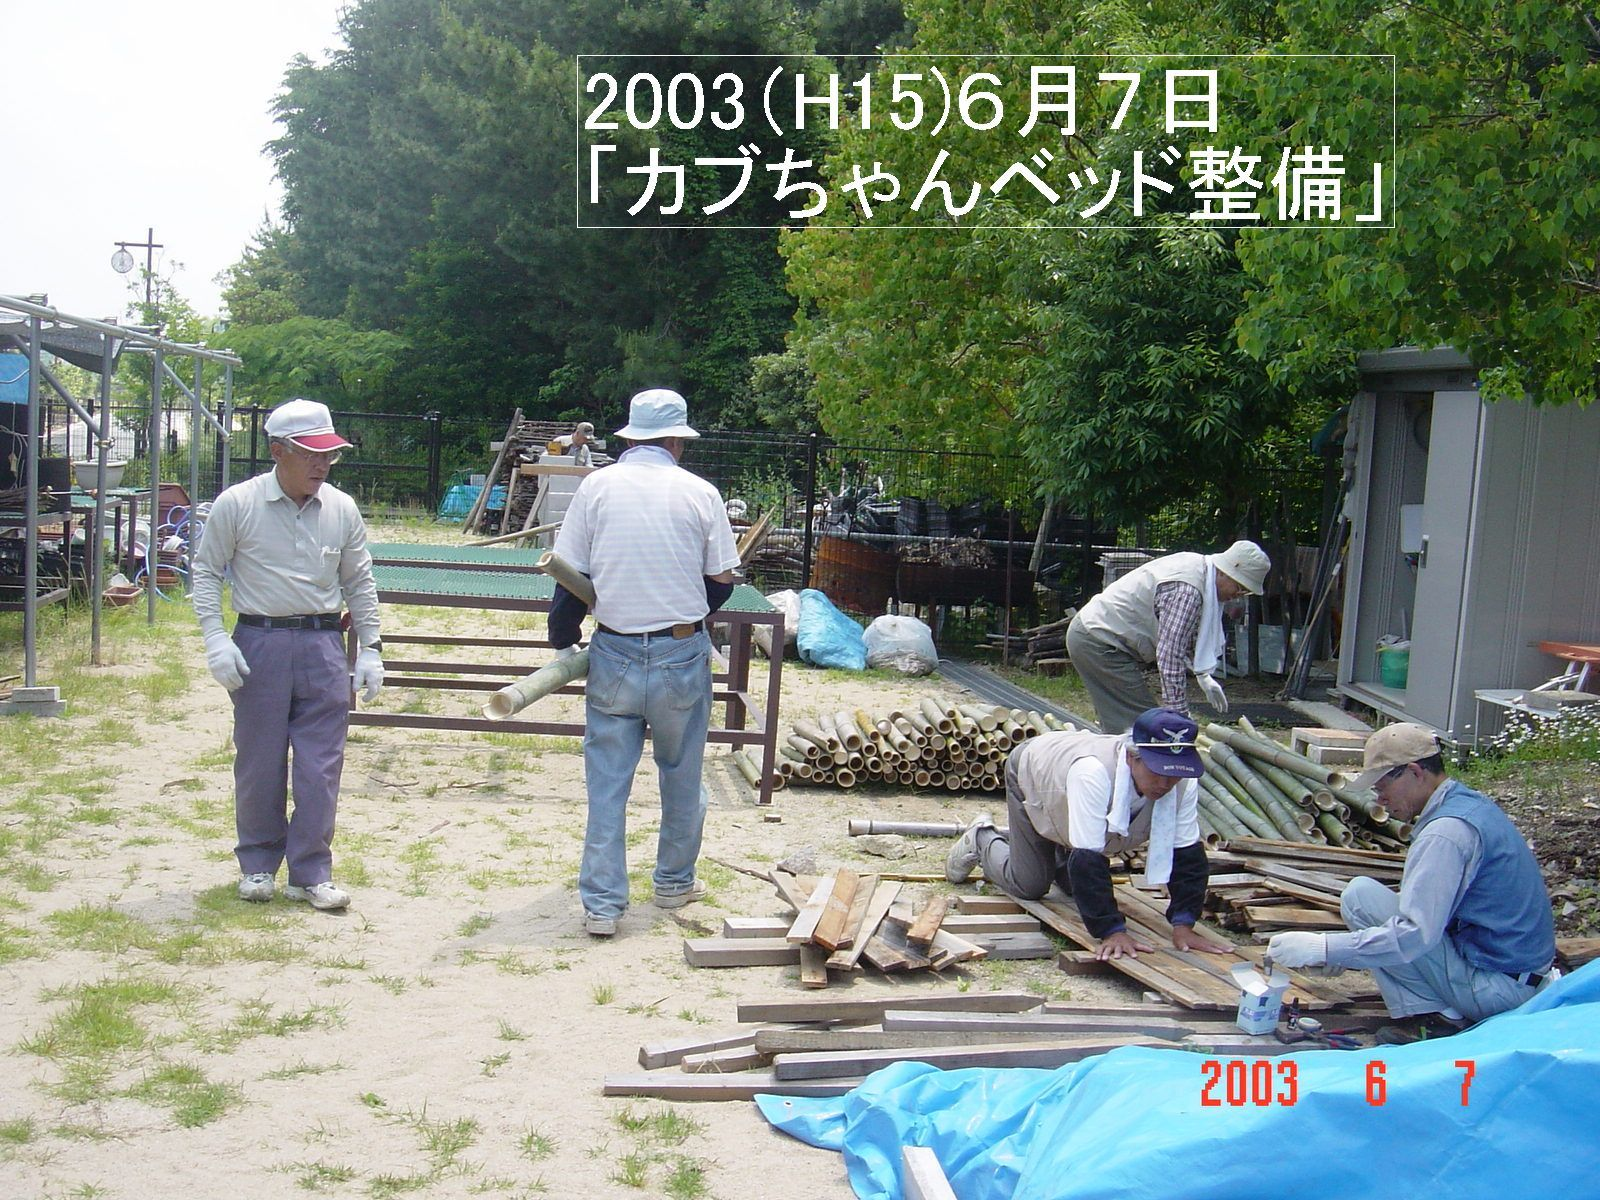 うみべの森の歴史⑬「2003年6月の活動」_c0108460_12032946.jpg